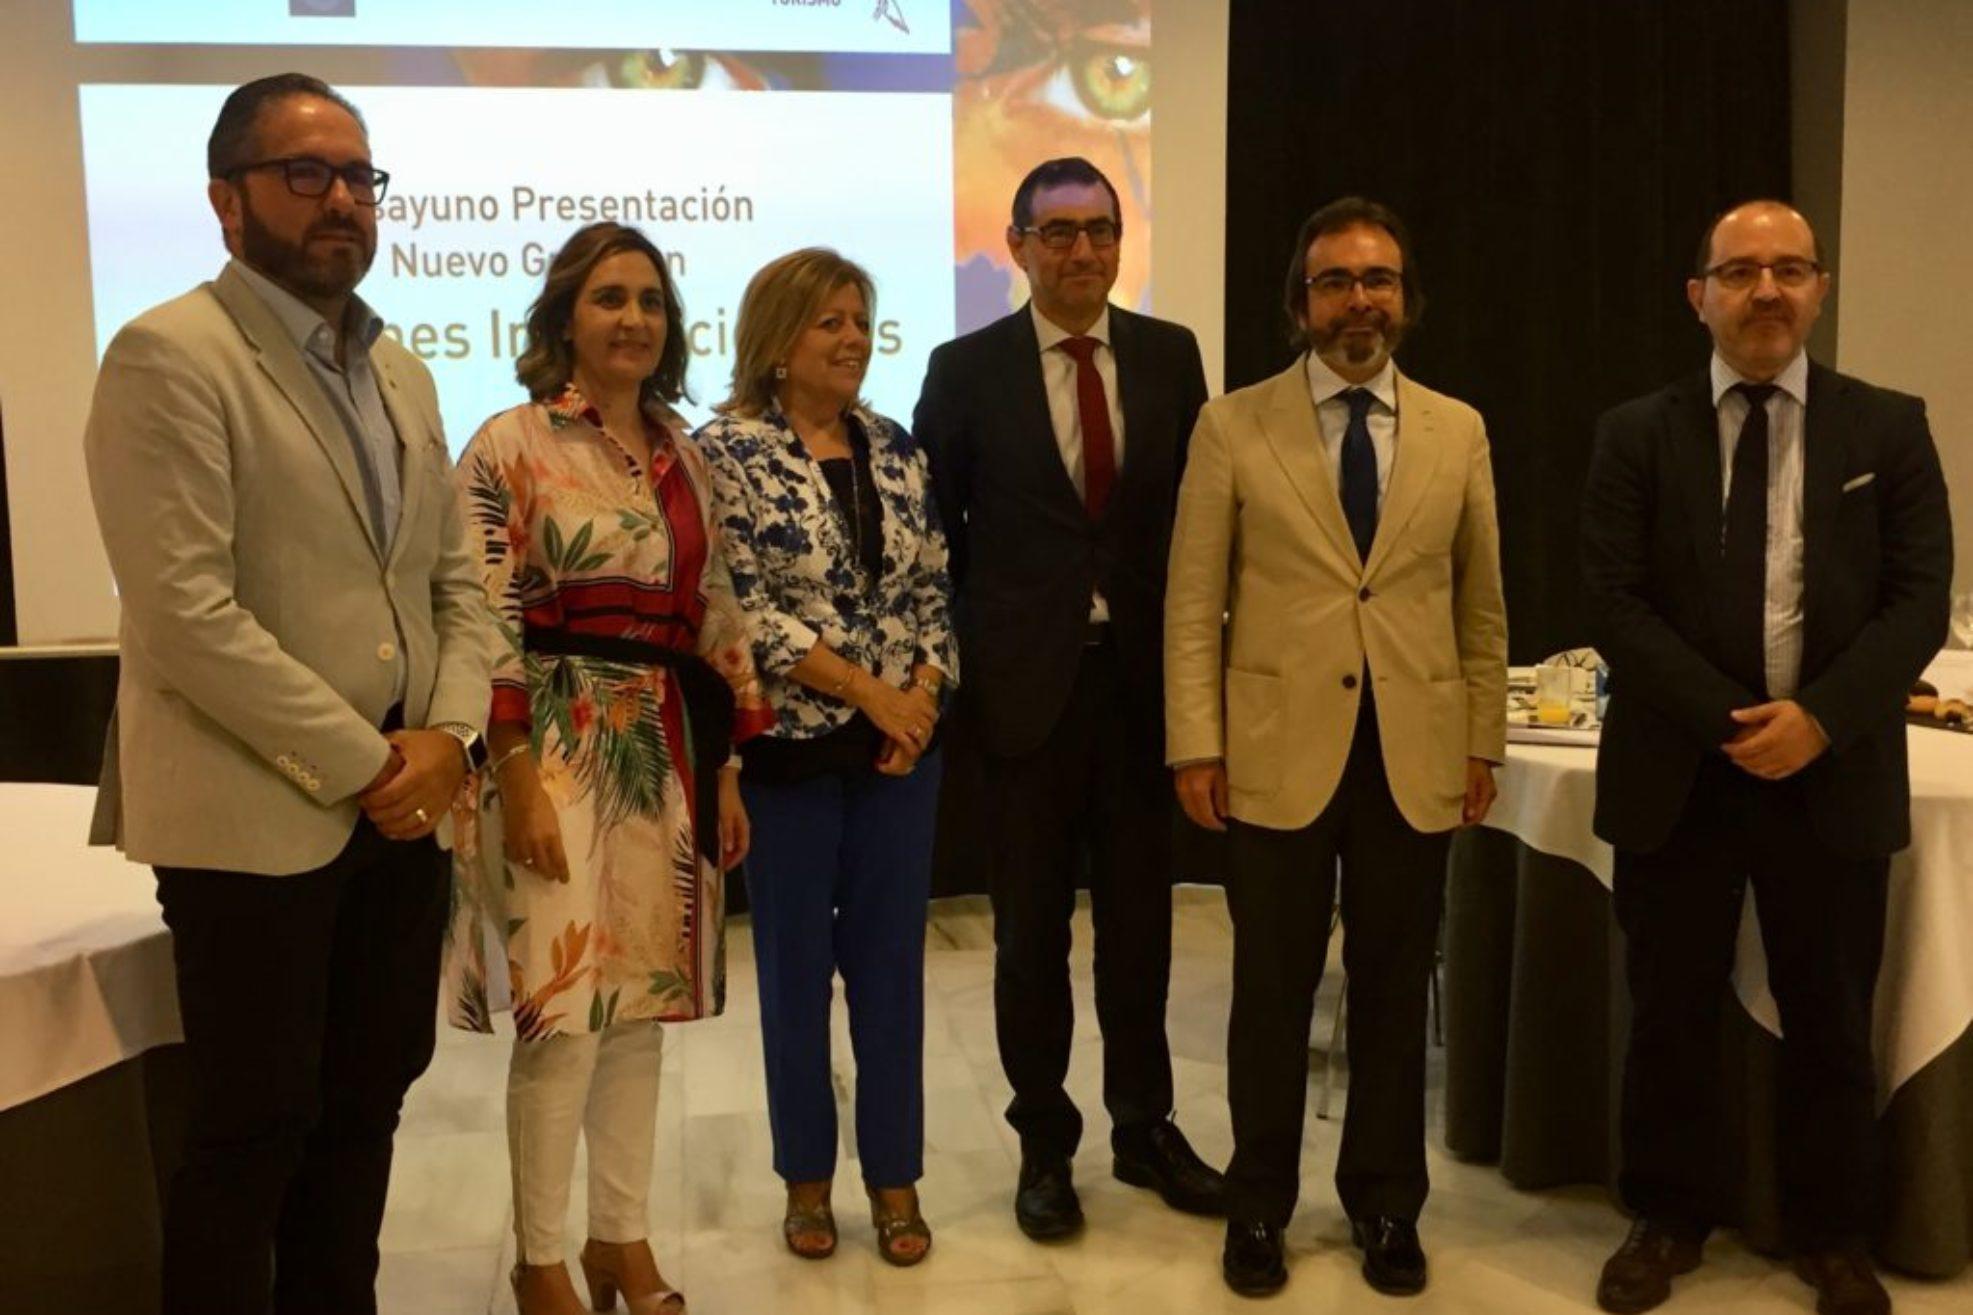 Relaciones Internacionales en. Murcia